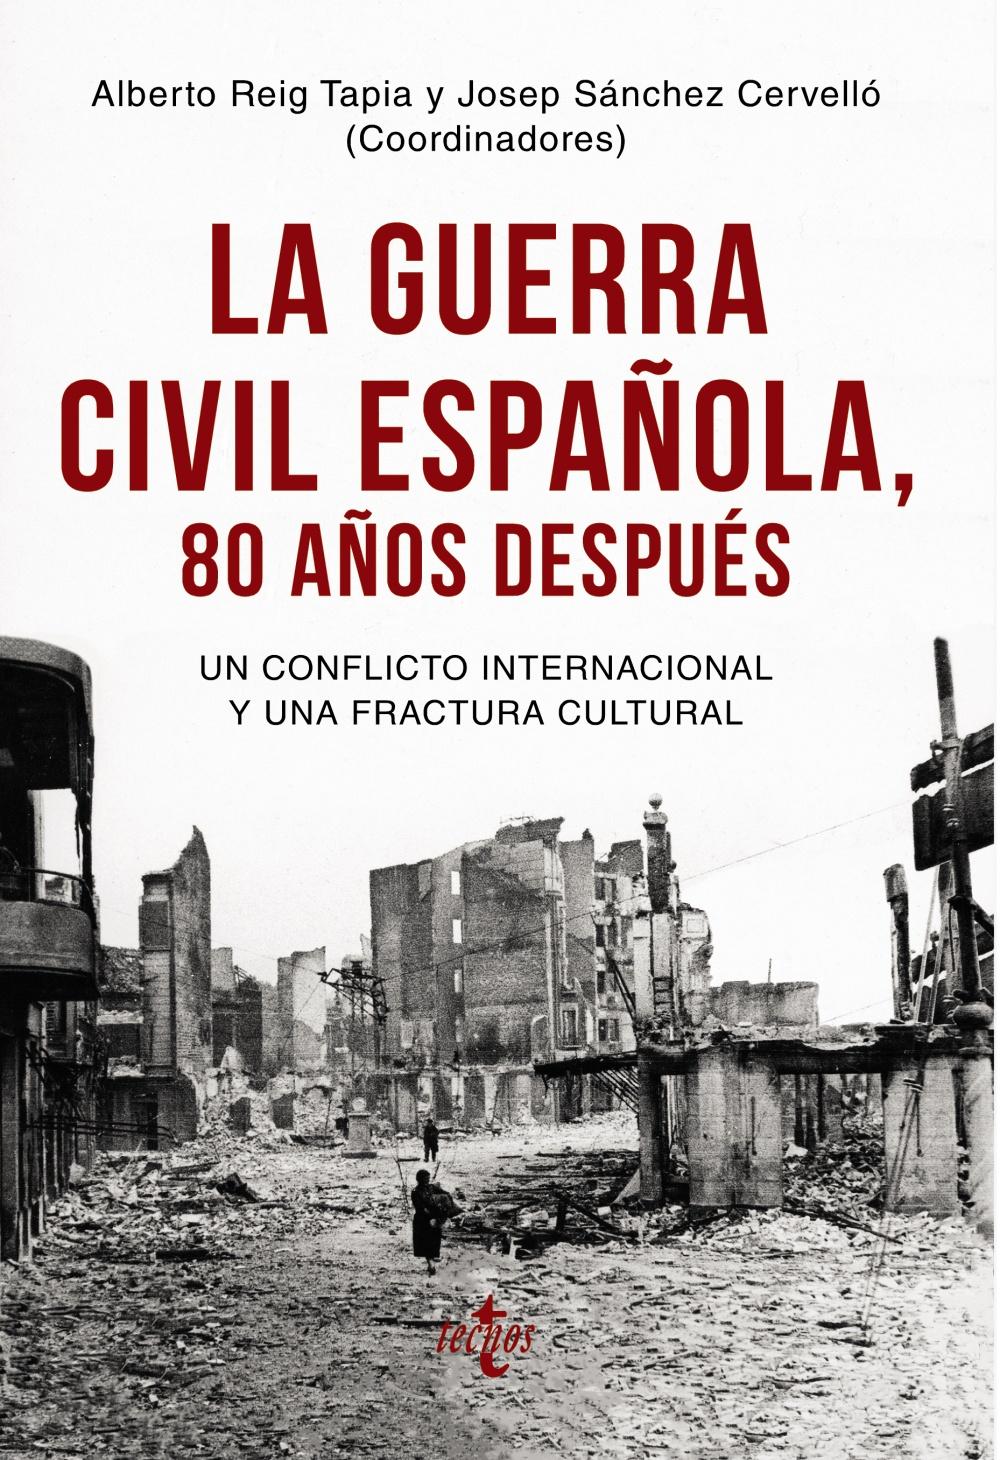 La Guerra Civil española 80 años después